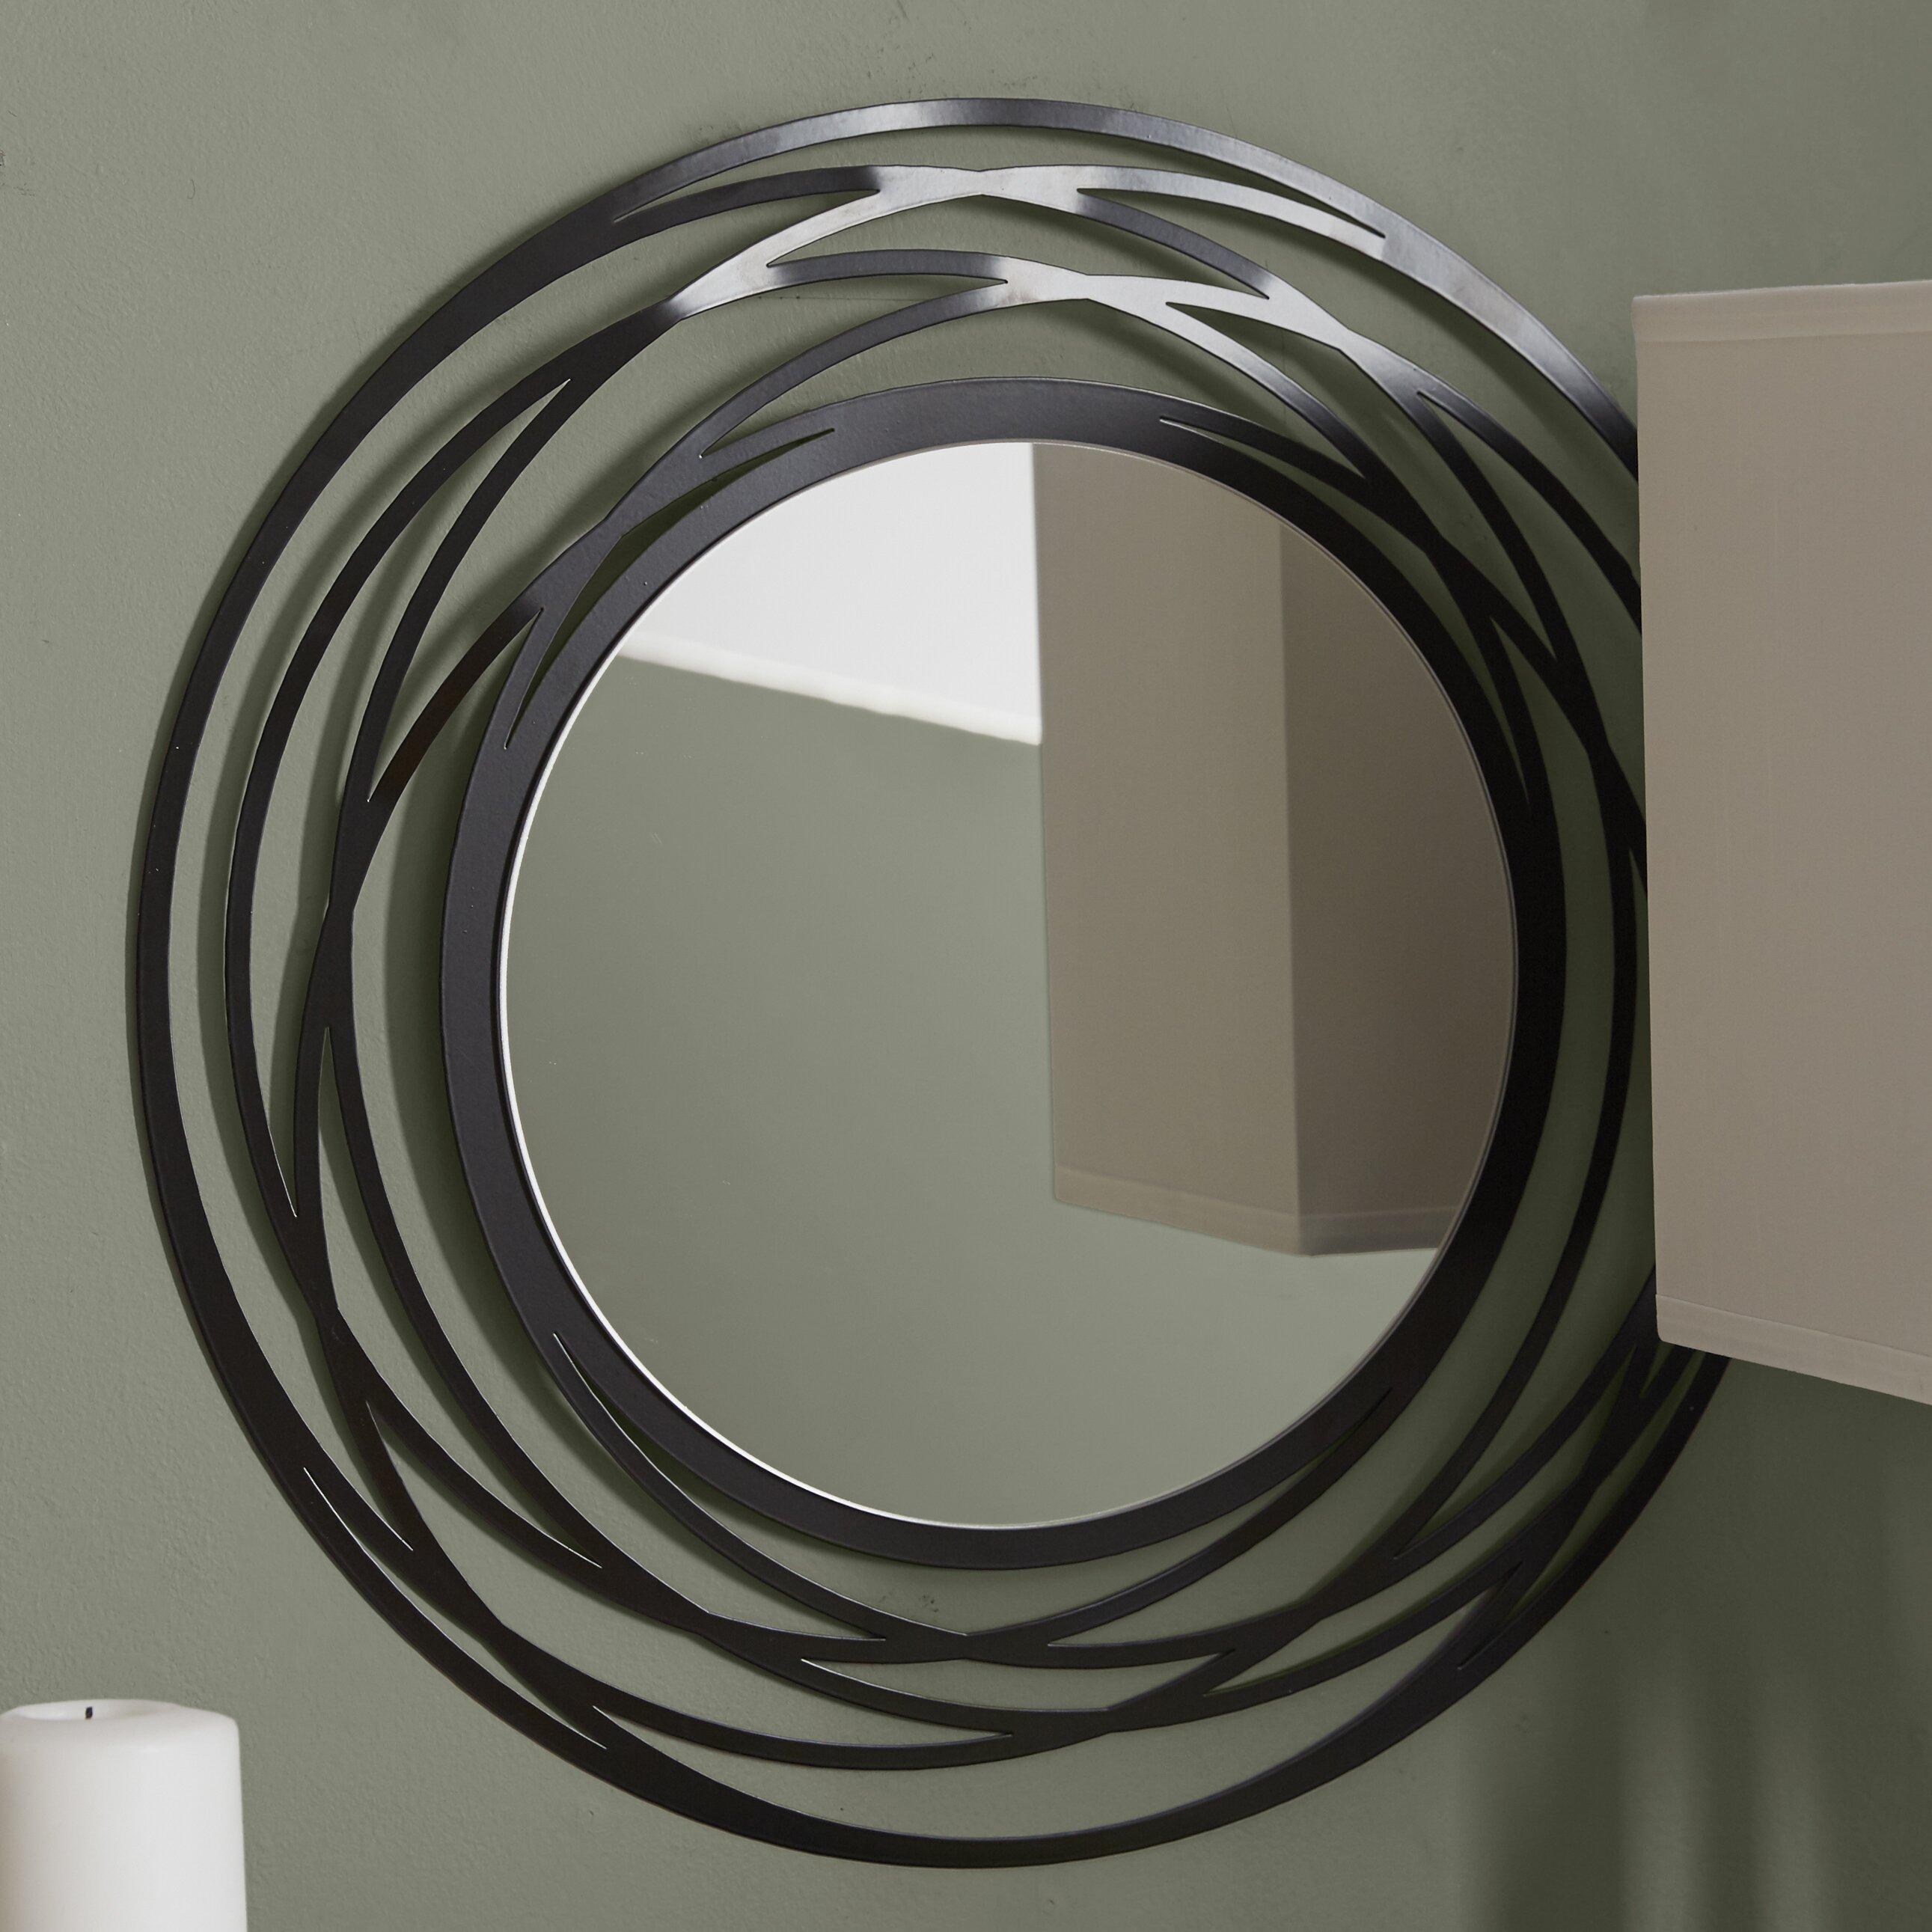 Brayden Studio Fluent Round Wall Mirror & Reviews | Wayfair